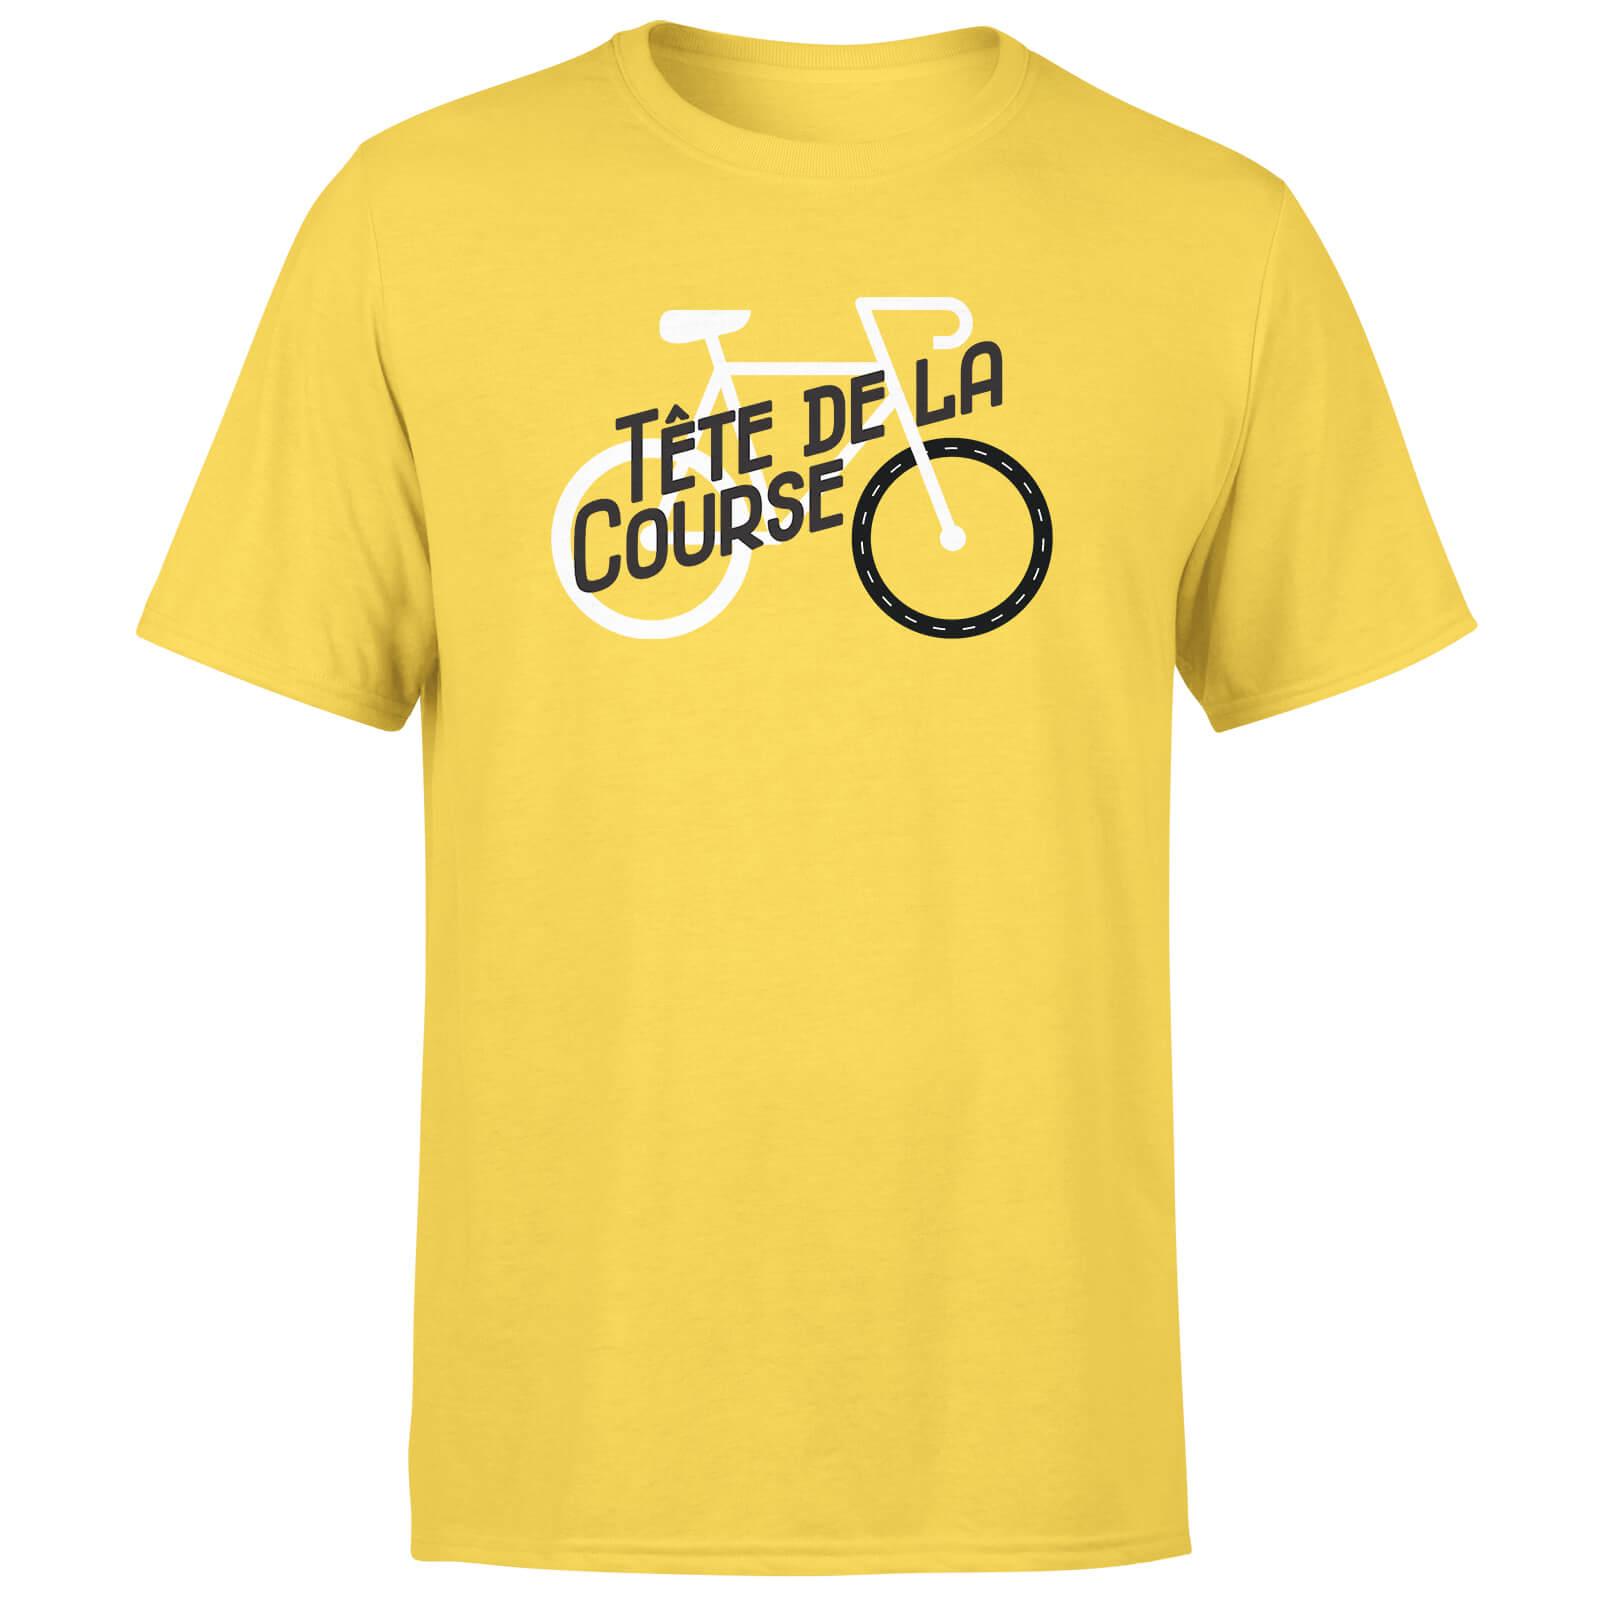 Tete De La Course Men's Yellow T-Shirt - L - Yellow